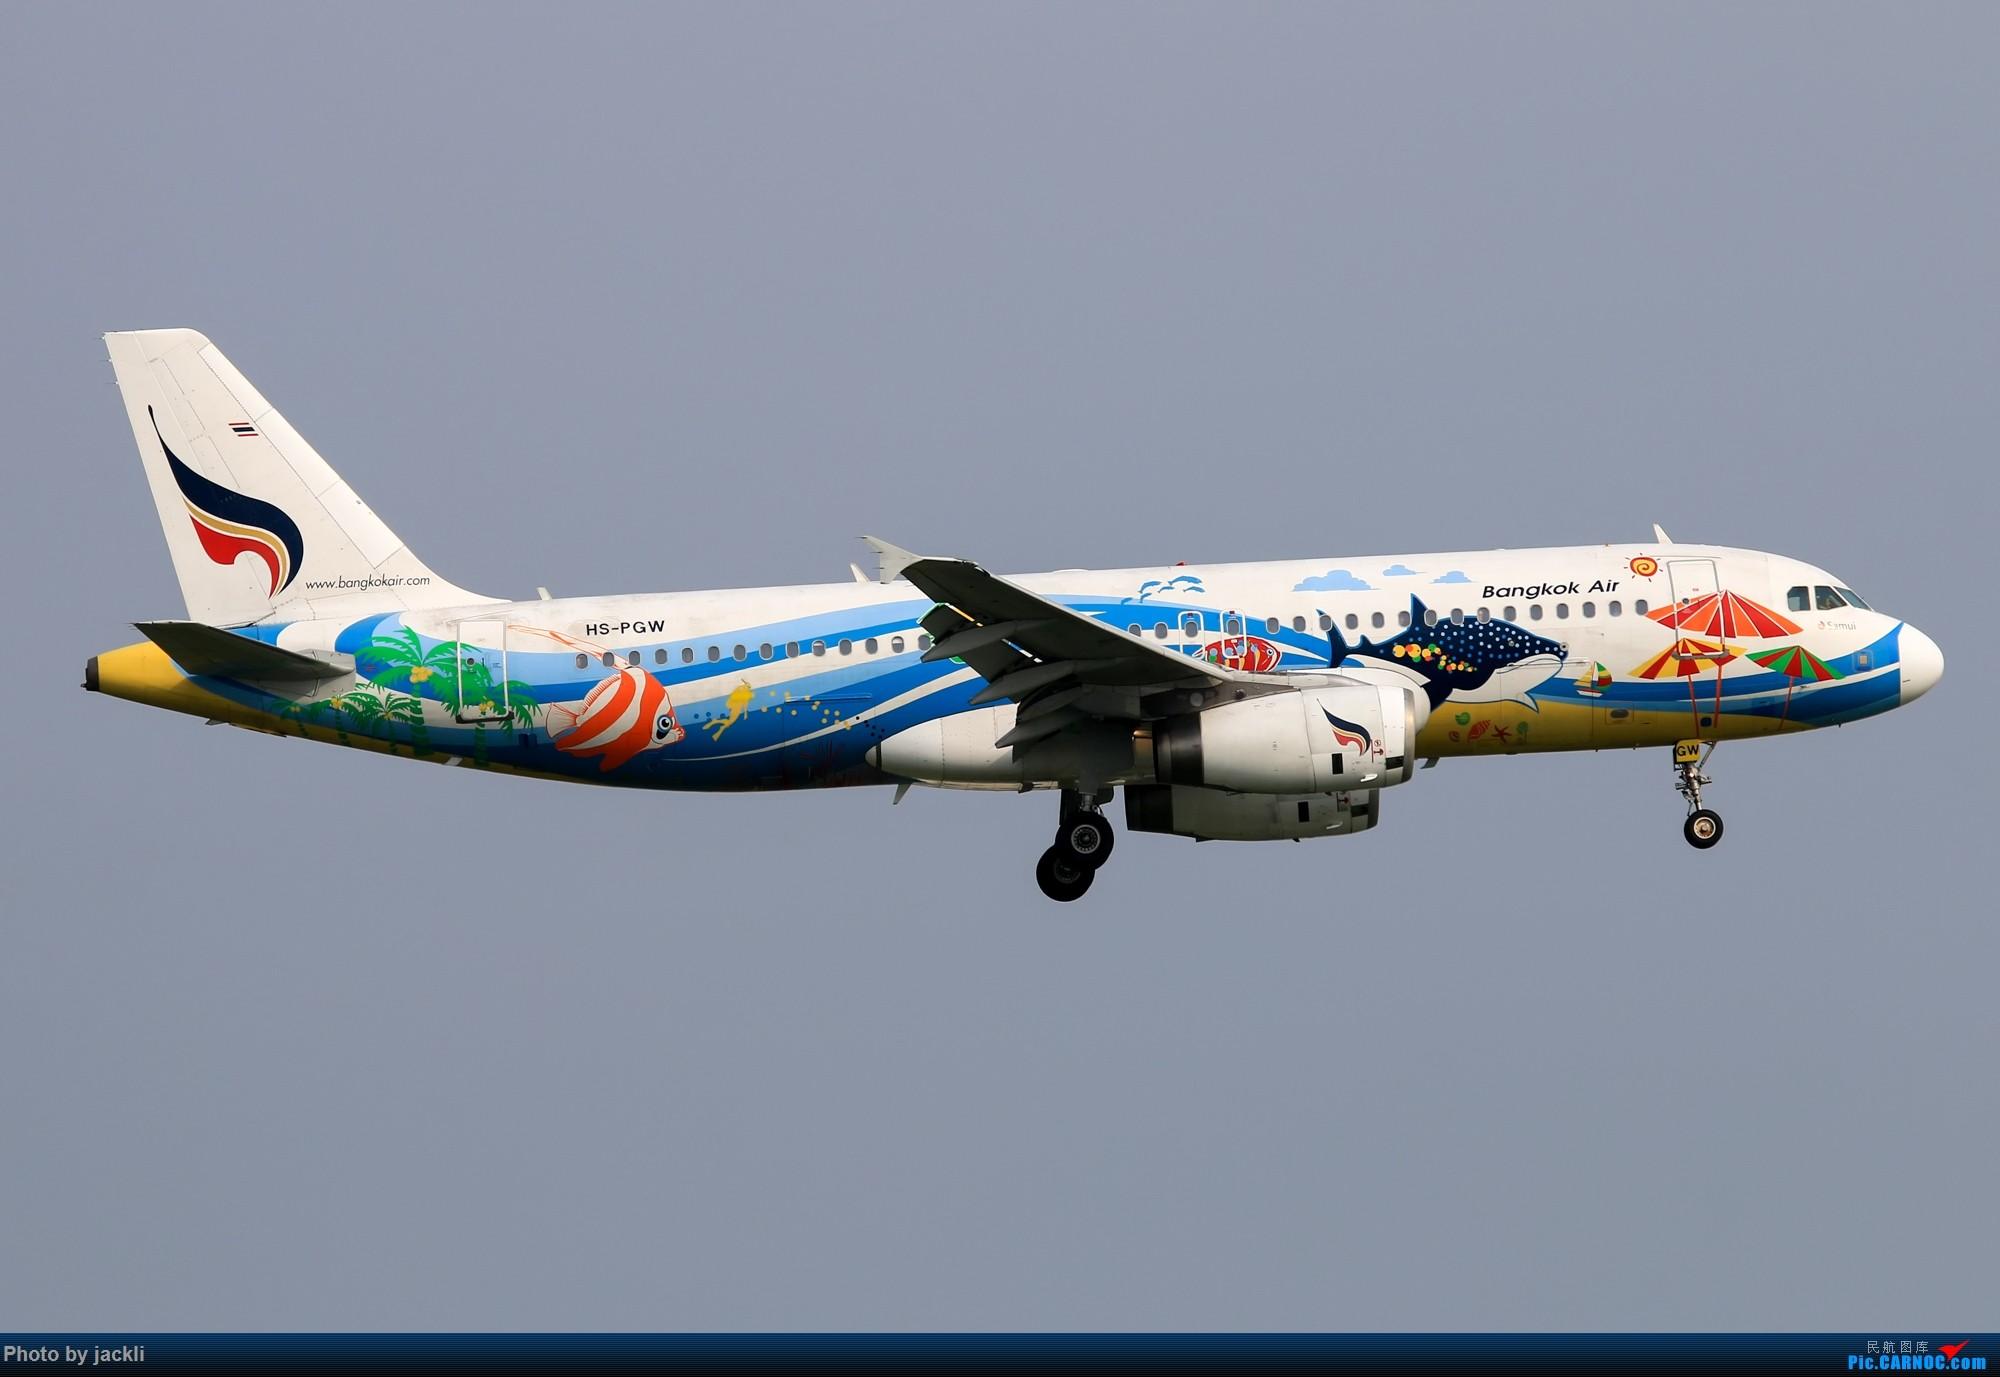 Re:[原创]【JackLi】泰国曼谷素万那普机场拍机~ AIRBUS A320 HS-PGW 泰国曼谷素万那普国际机场